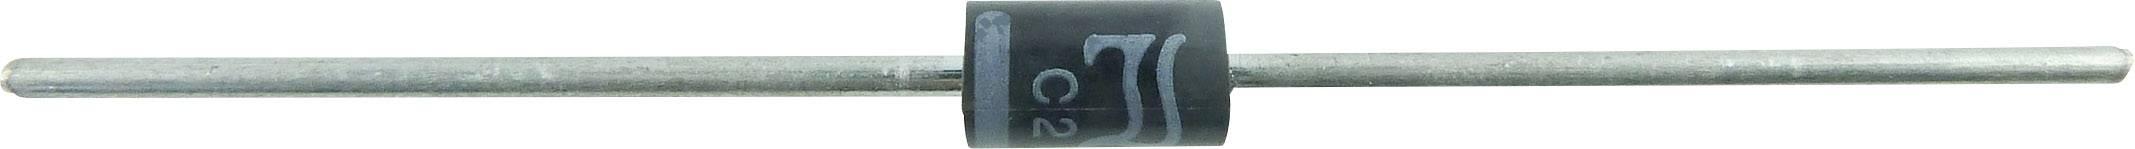 Kremíková usmerňovacia dióda Diotec 1N5401 1N5401 DO-201, 3 A, 100 V